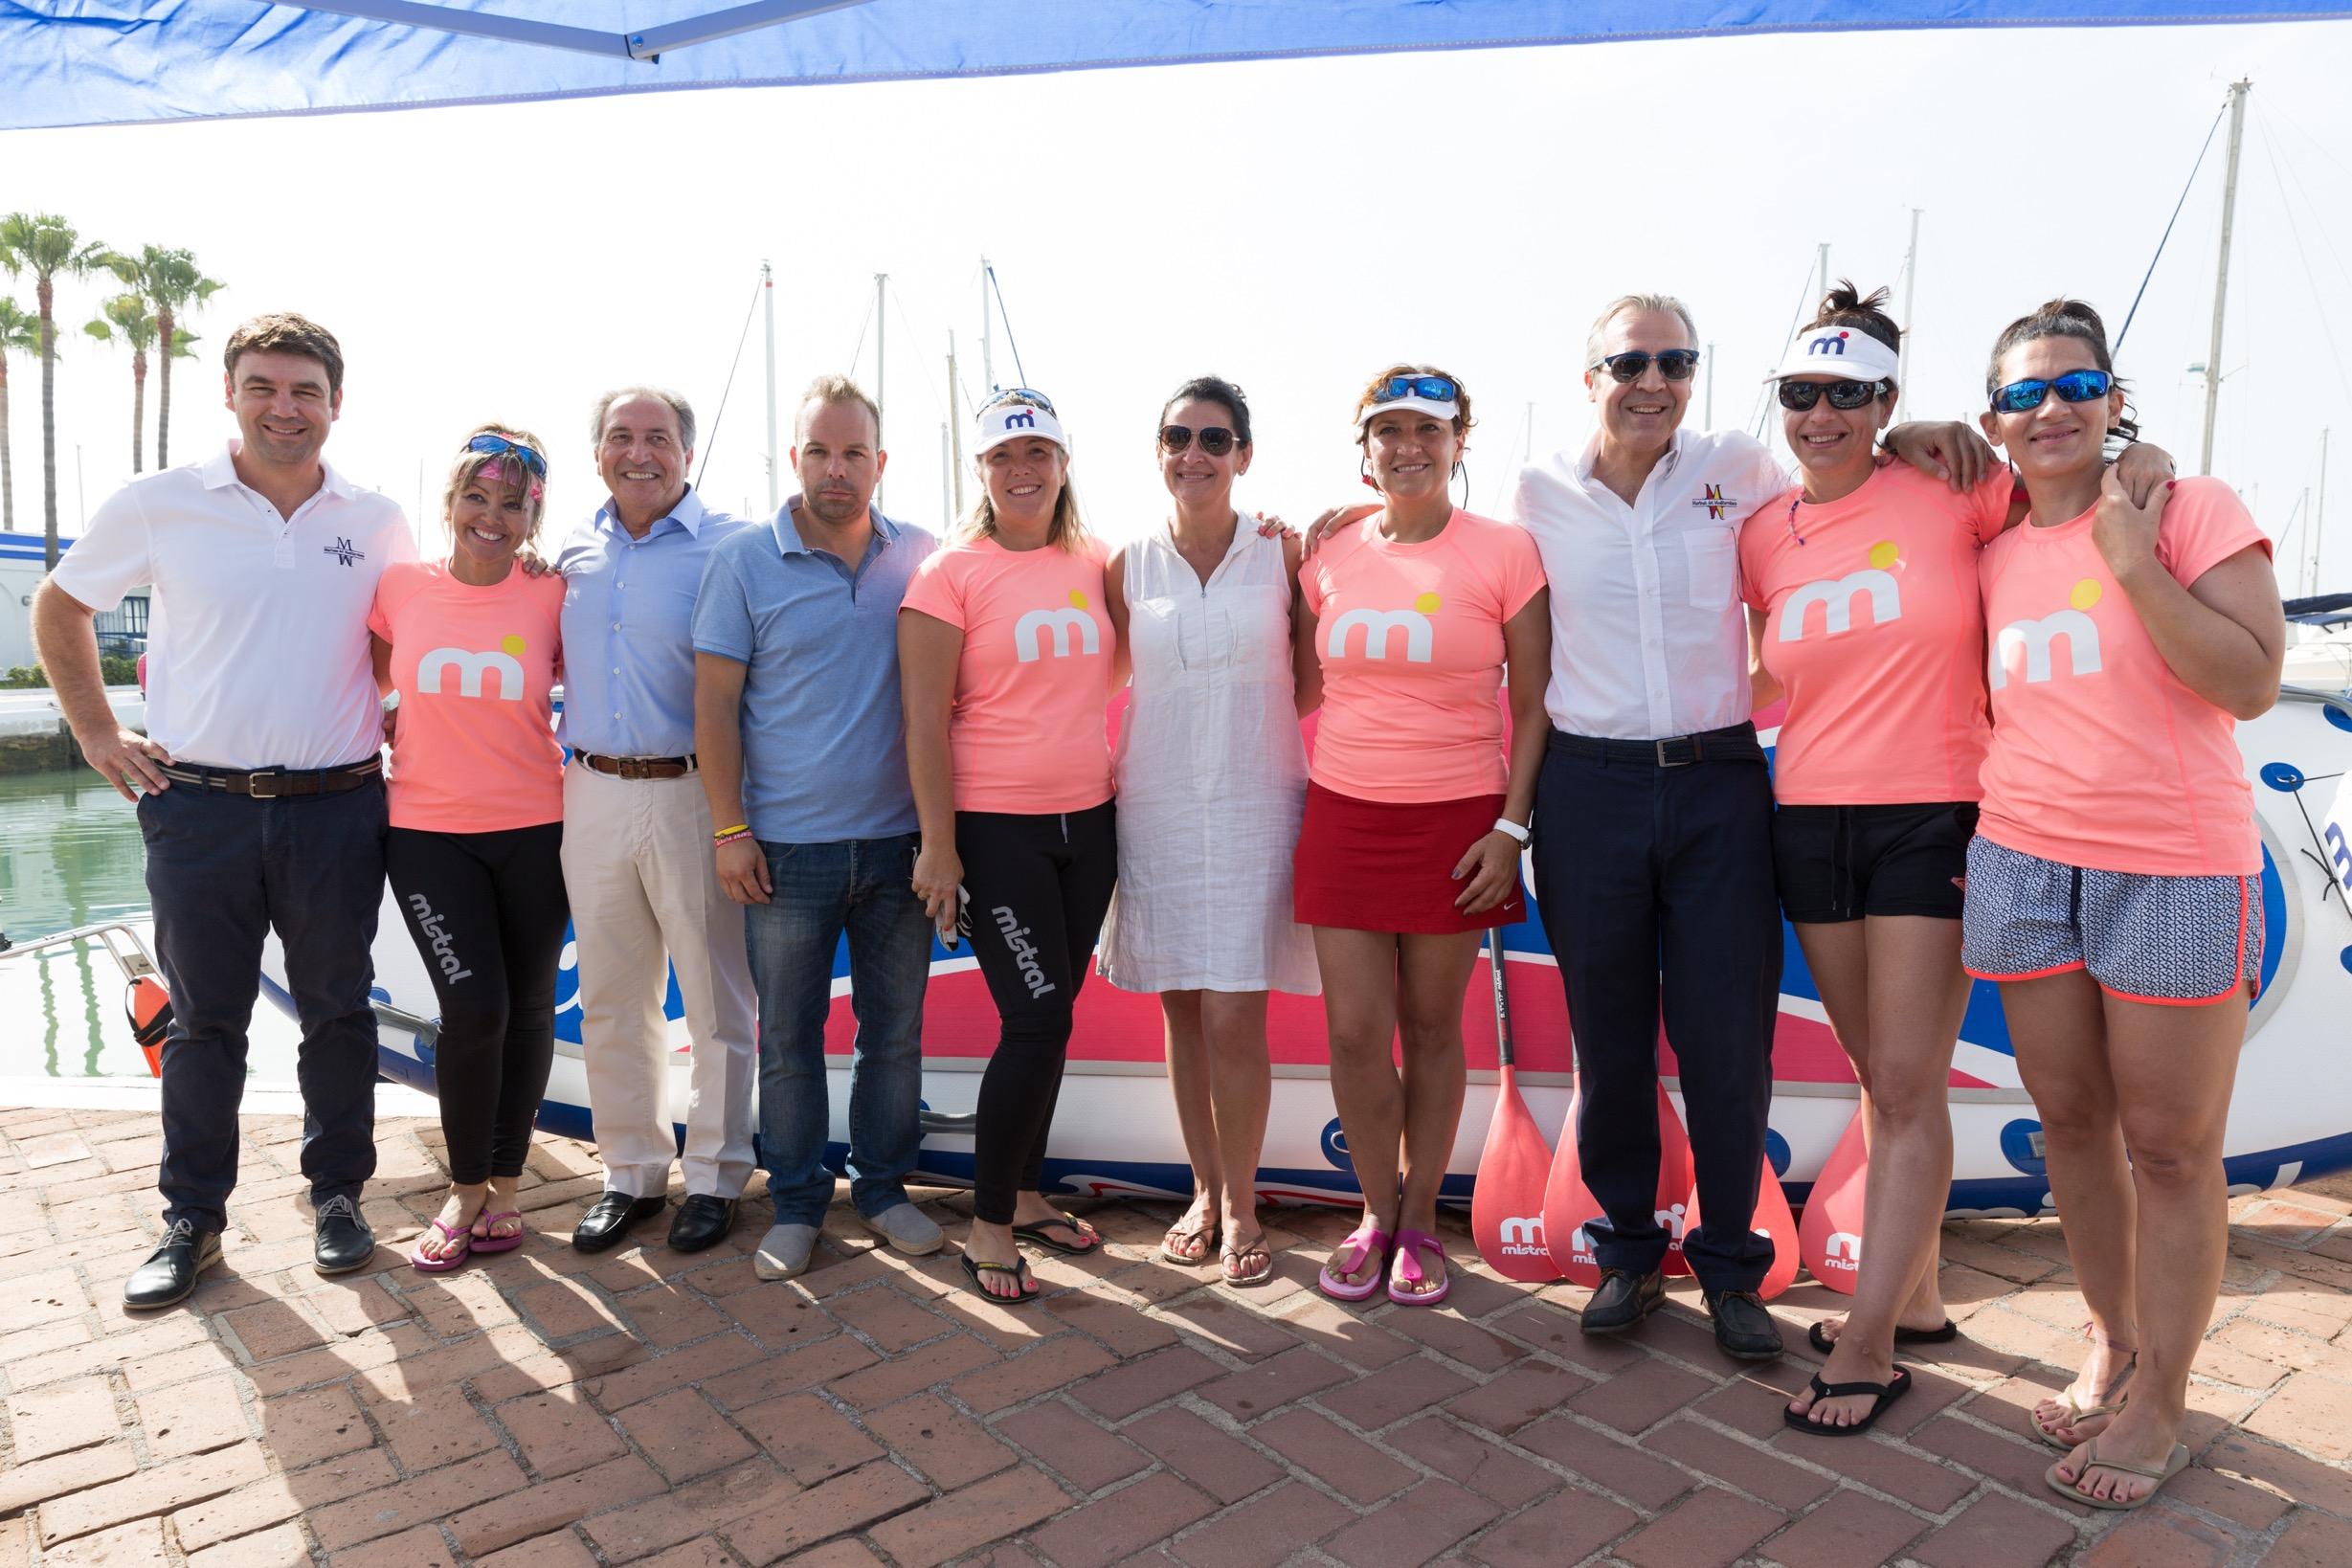 Cargos de Marinas del Mediterráneo junto a concejales Estepona Adrián Trujillo y Susana Aragón y protagonistas SURFEANDO LA VIDA